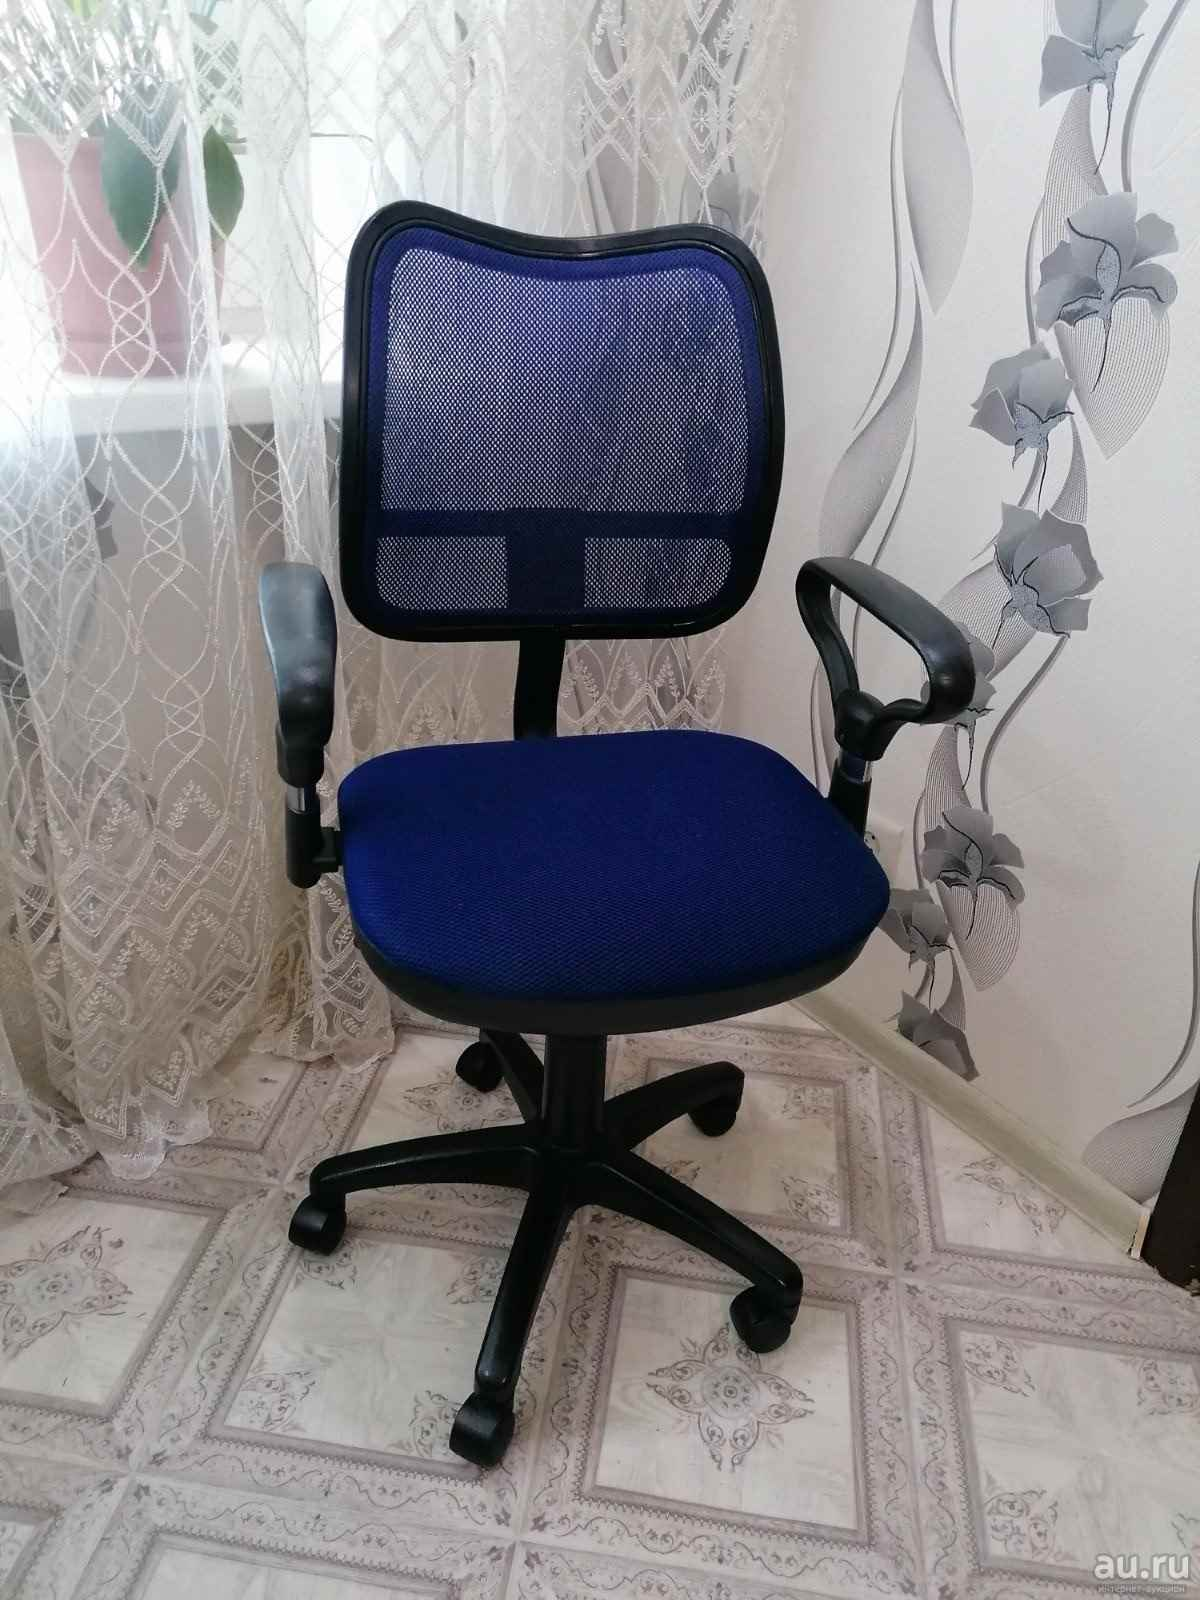 Красивое компьютерное кресло фото, картинки 11